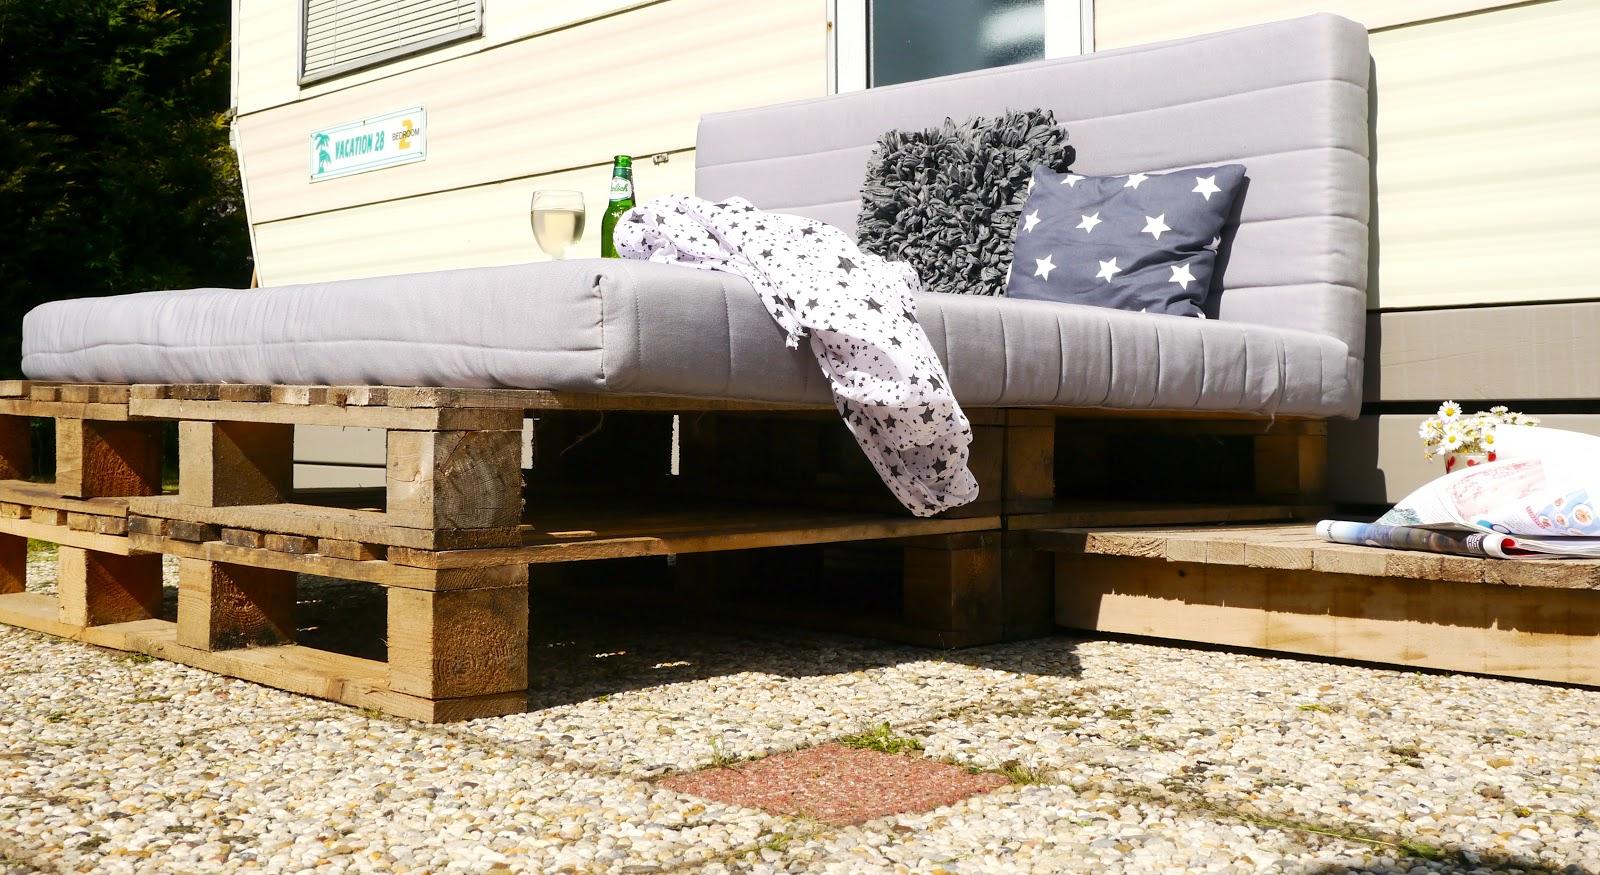 Pallet Bank Kussens : Pallet raised garden bed new pallet bank encasa kussens voor op